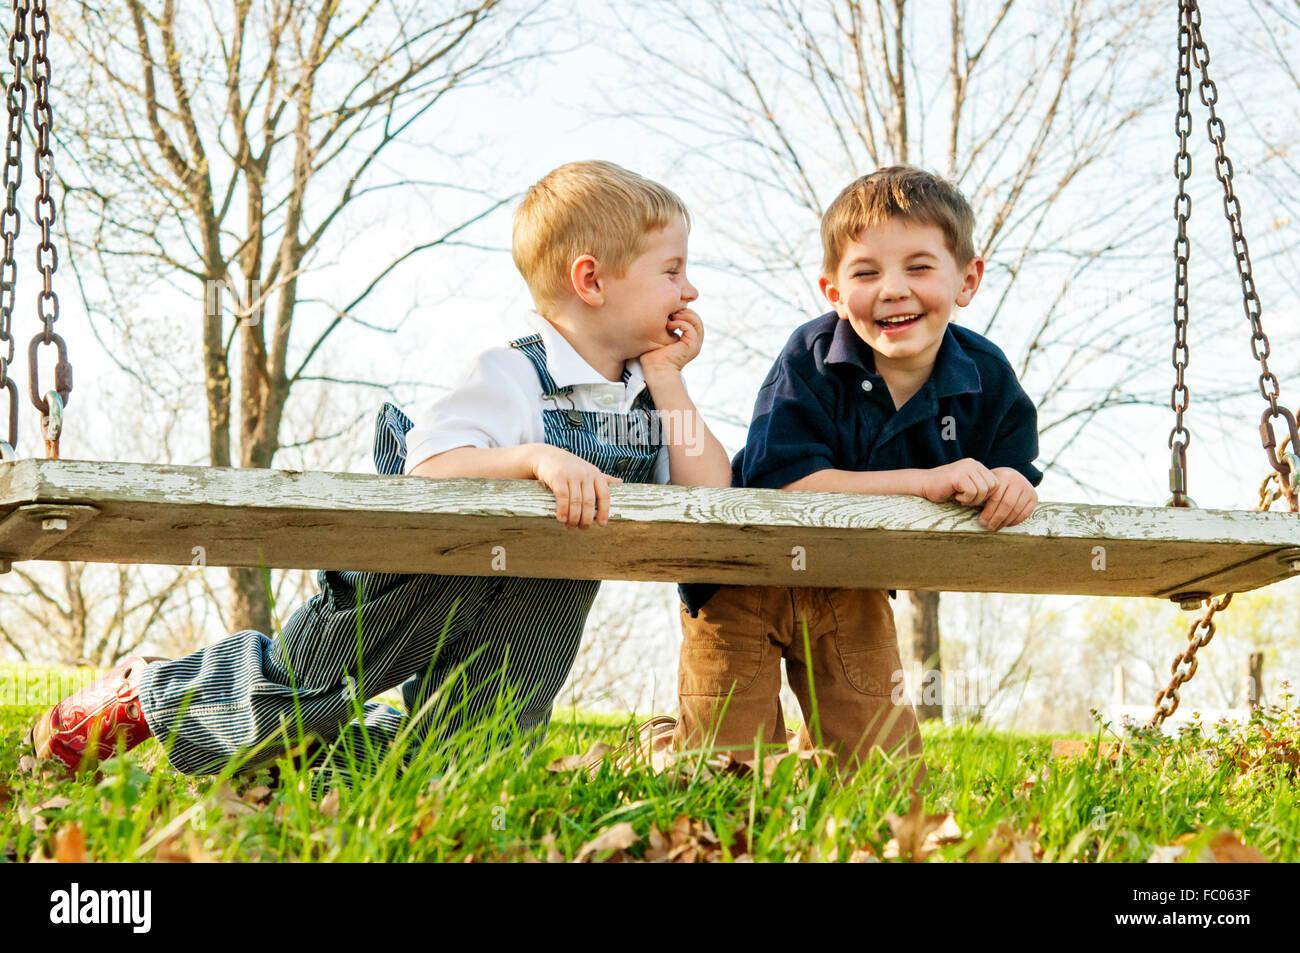 Zwei jungen stützte sich auf schwingen gemeinsam lachen Stockbild